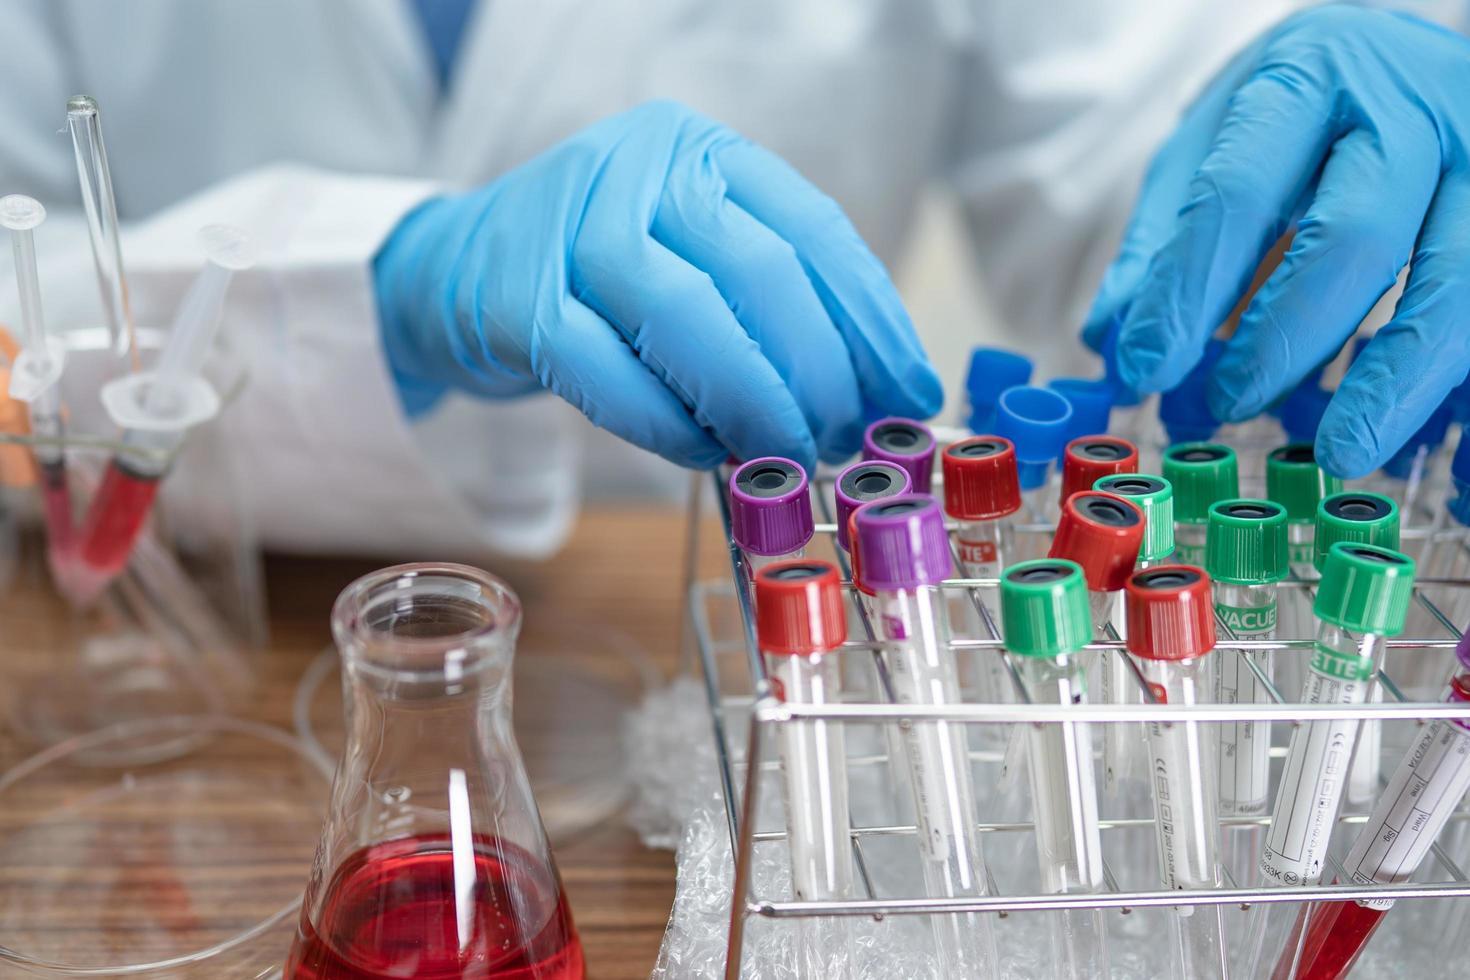 científico sosteniendo y tubo de análisis de muestra microbiológica brote de coronavirus o covid-19 infeccioso en laboratorio para médico en el mundo. foto